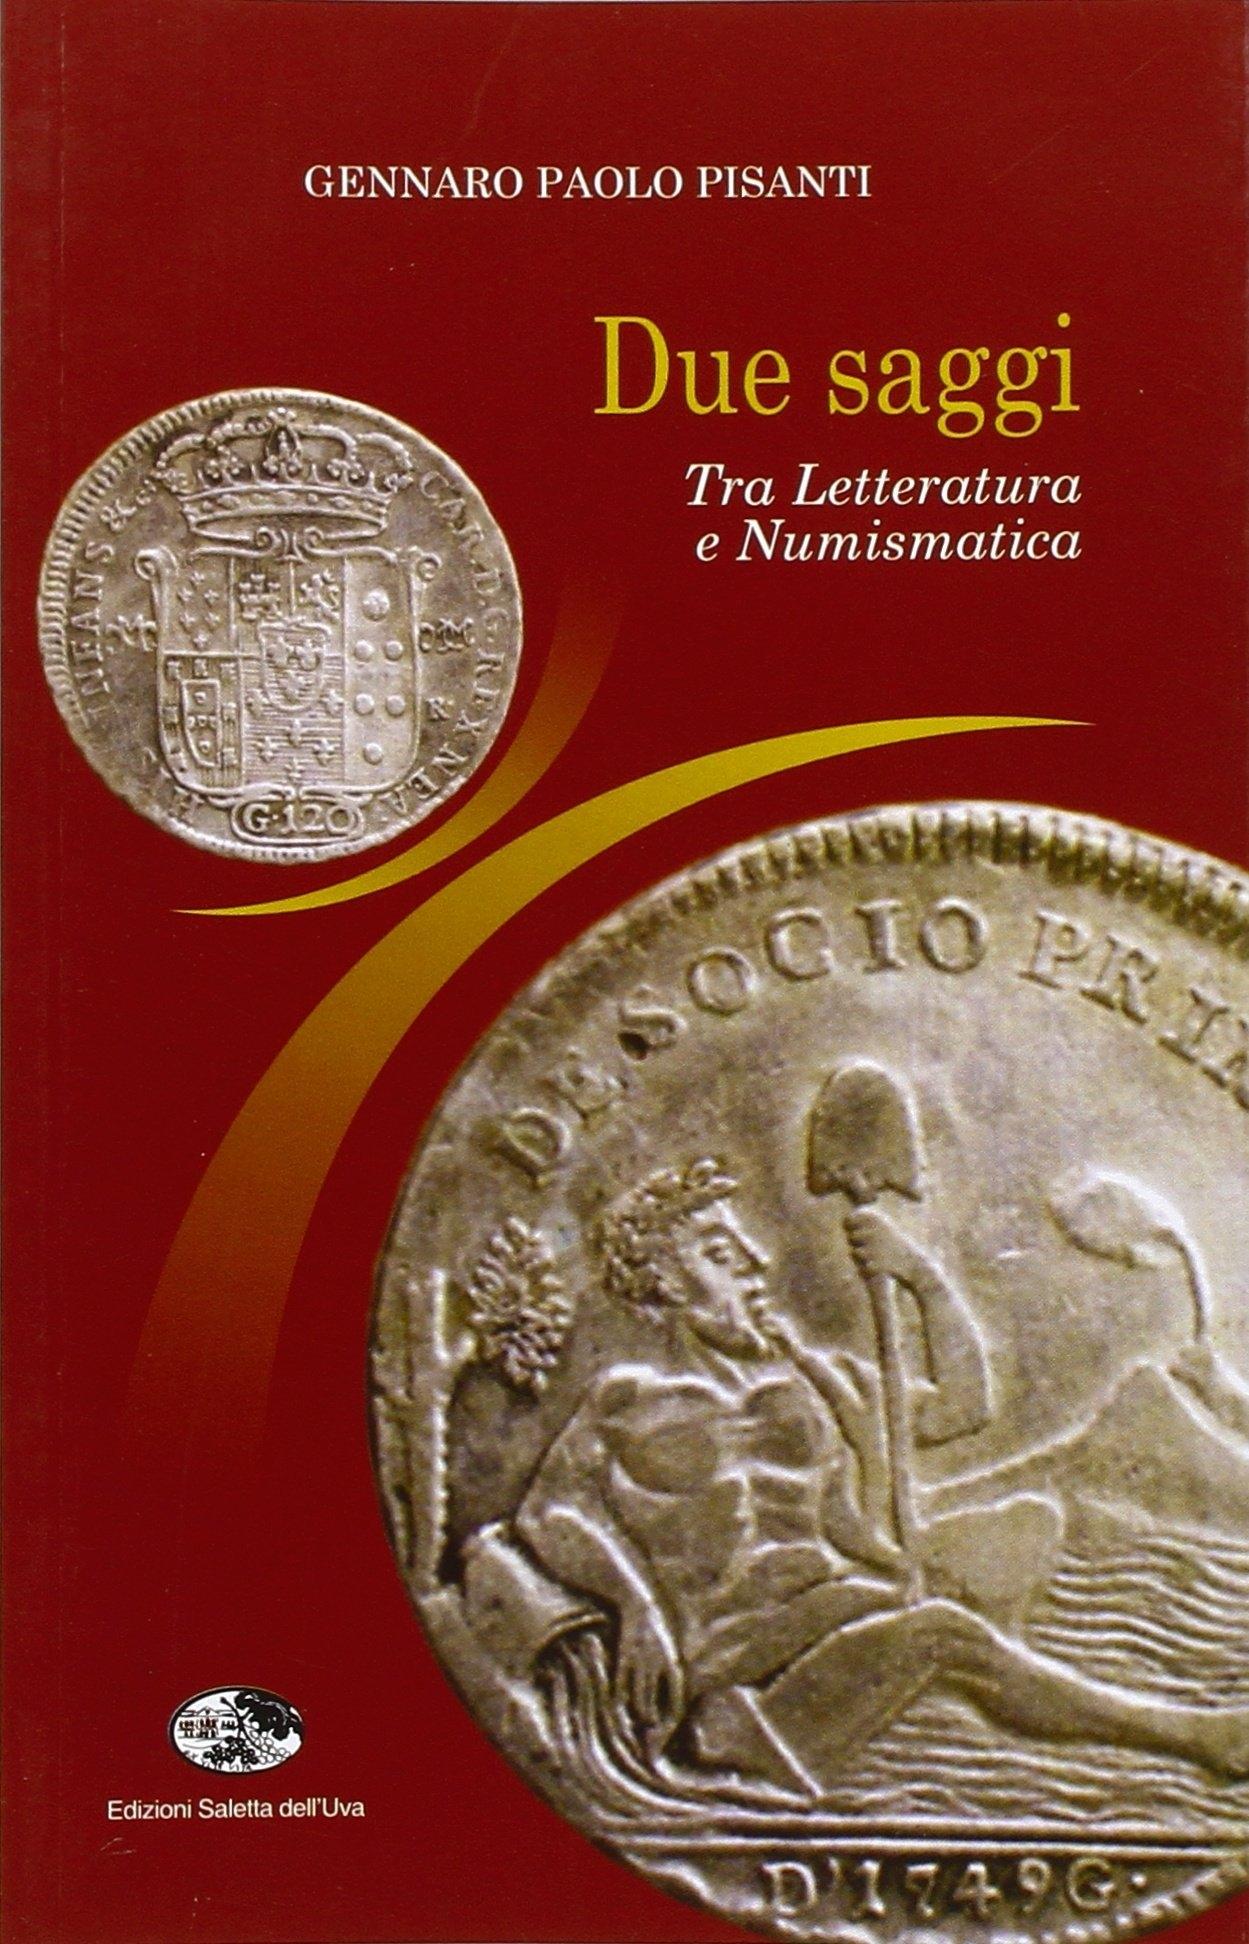 Due saggi. Tra letteratura e numismatica